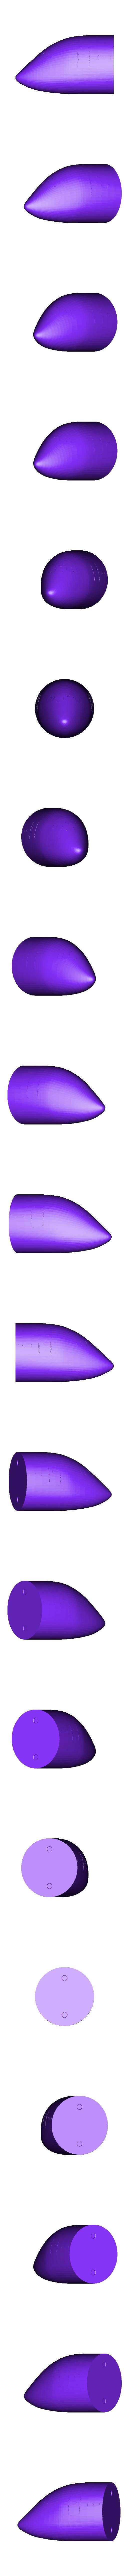 Part1.STL Télécharger fichier STL gratuit Airbus A350 XWB Lufthansa Airliner Sacle 1/100 • Design pour imprimante 3D, BeneHill